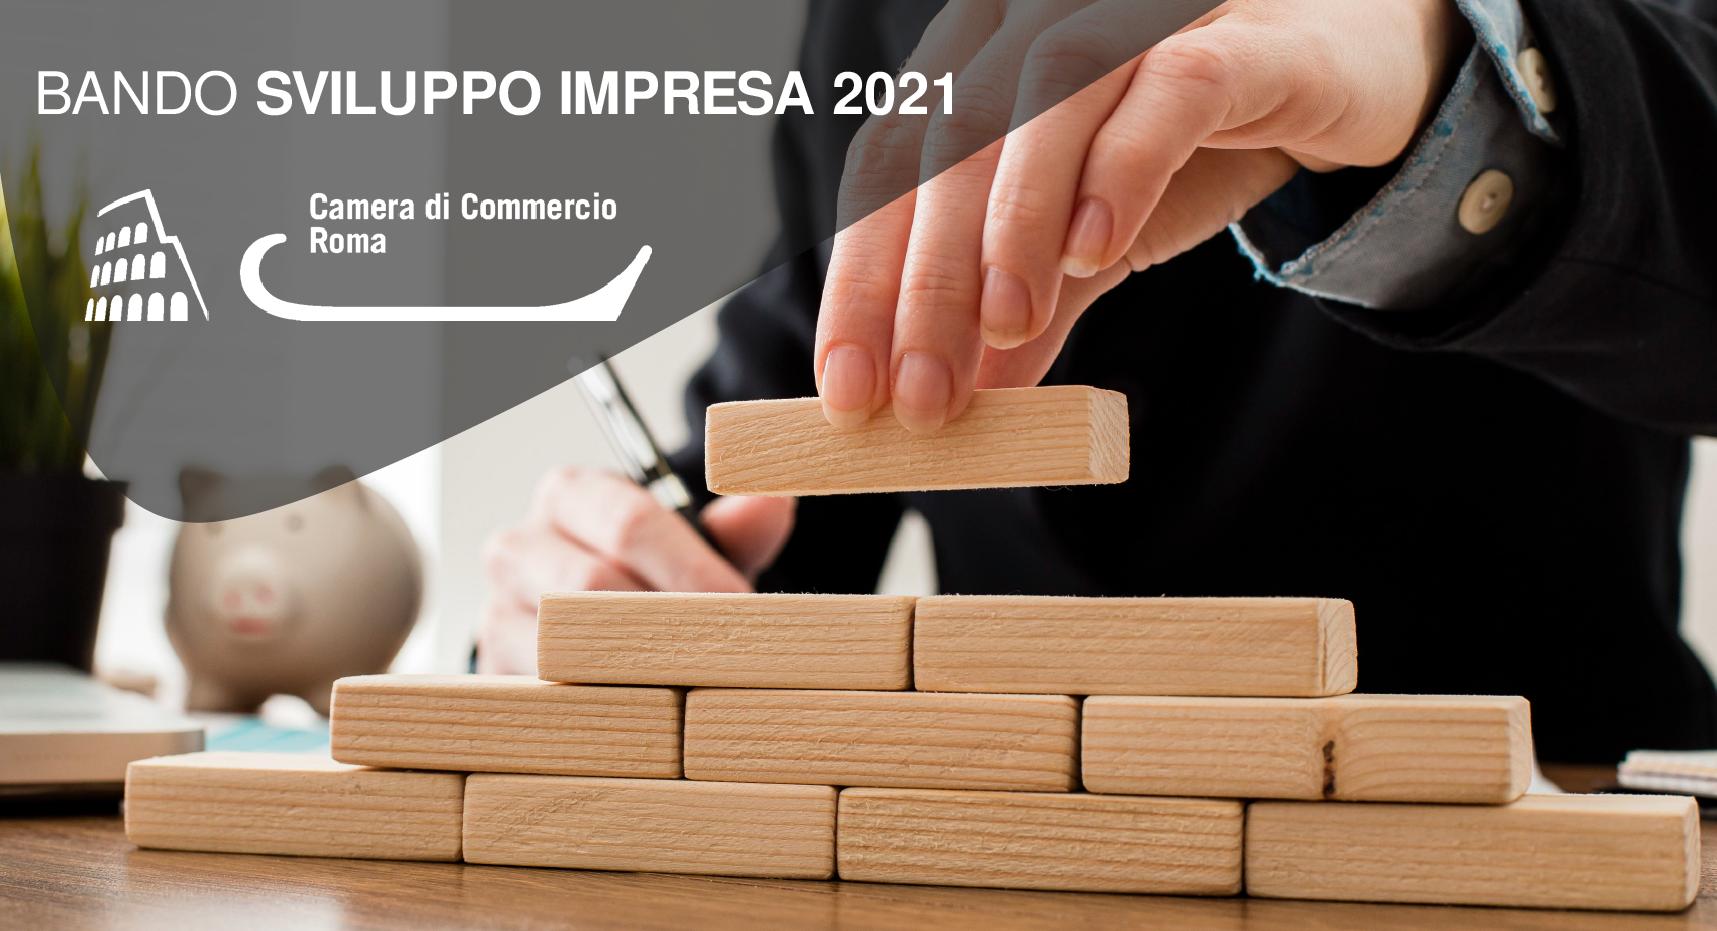 bando-roma-lazio-sviluppo impresa-2021-opportunità-tecnologie-acquisto software